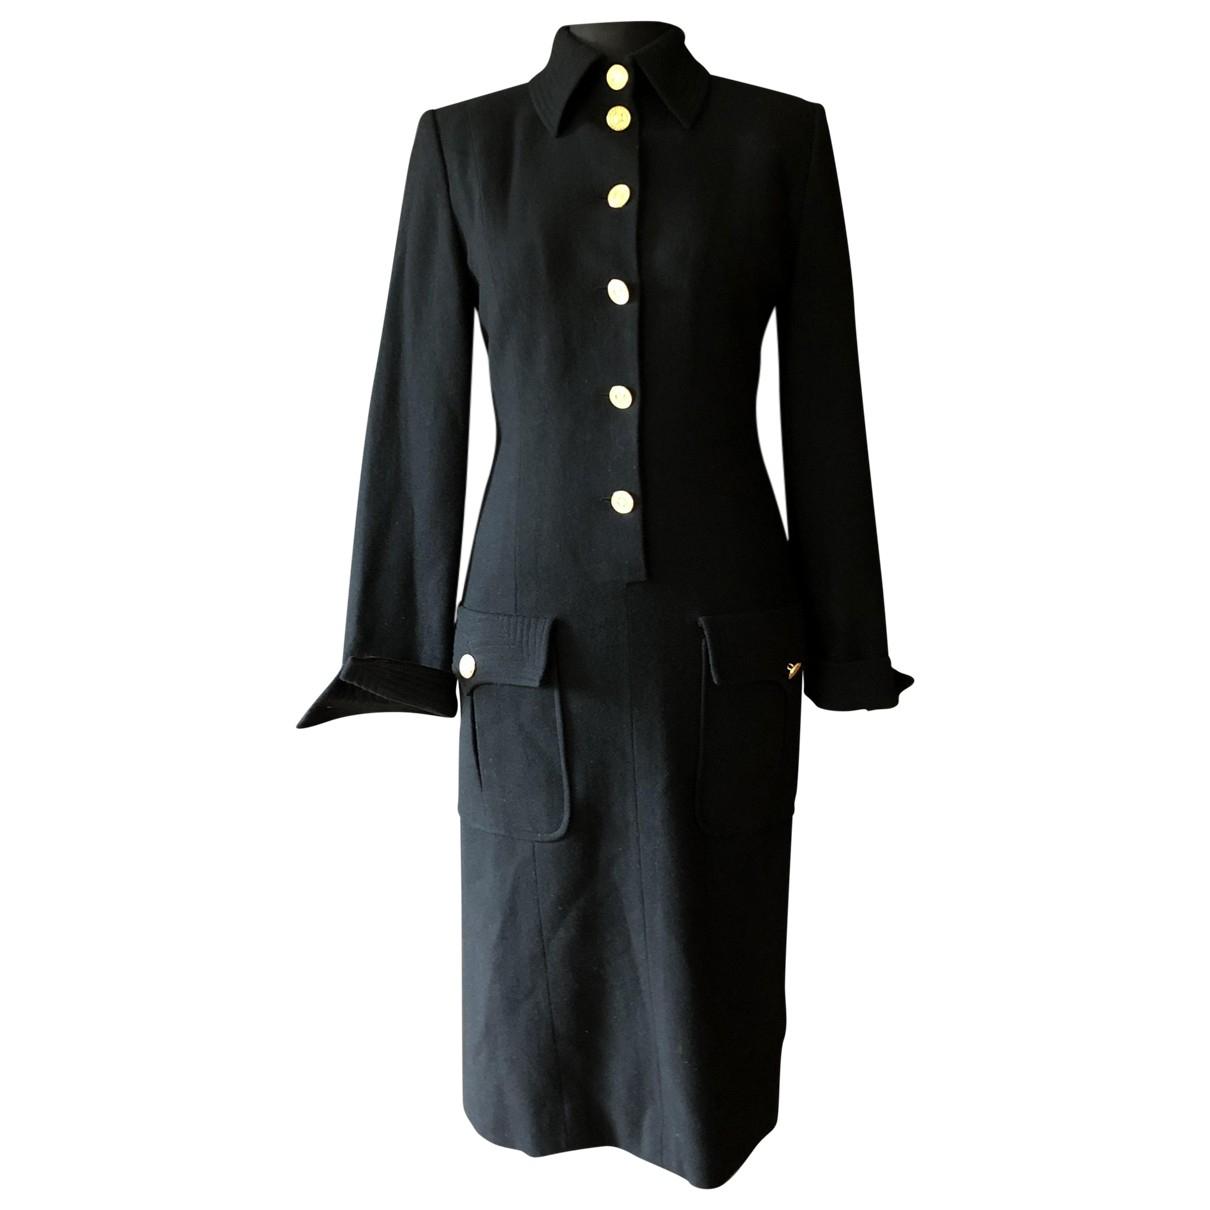 Celine \N Black Wool dress for Women 38 FR